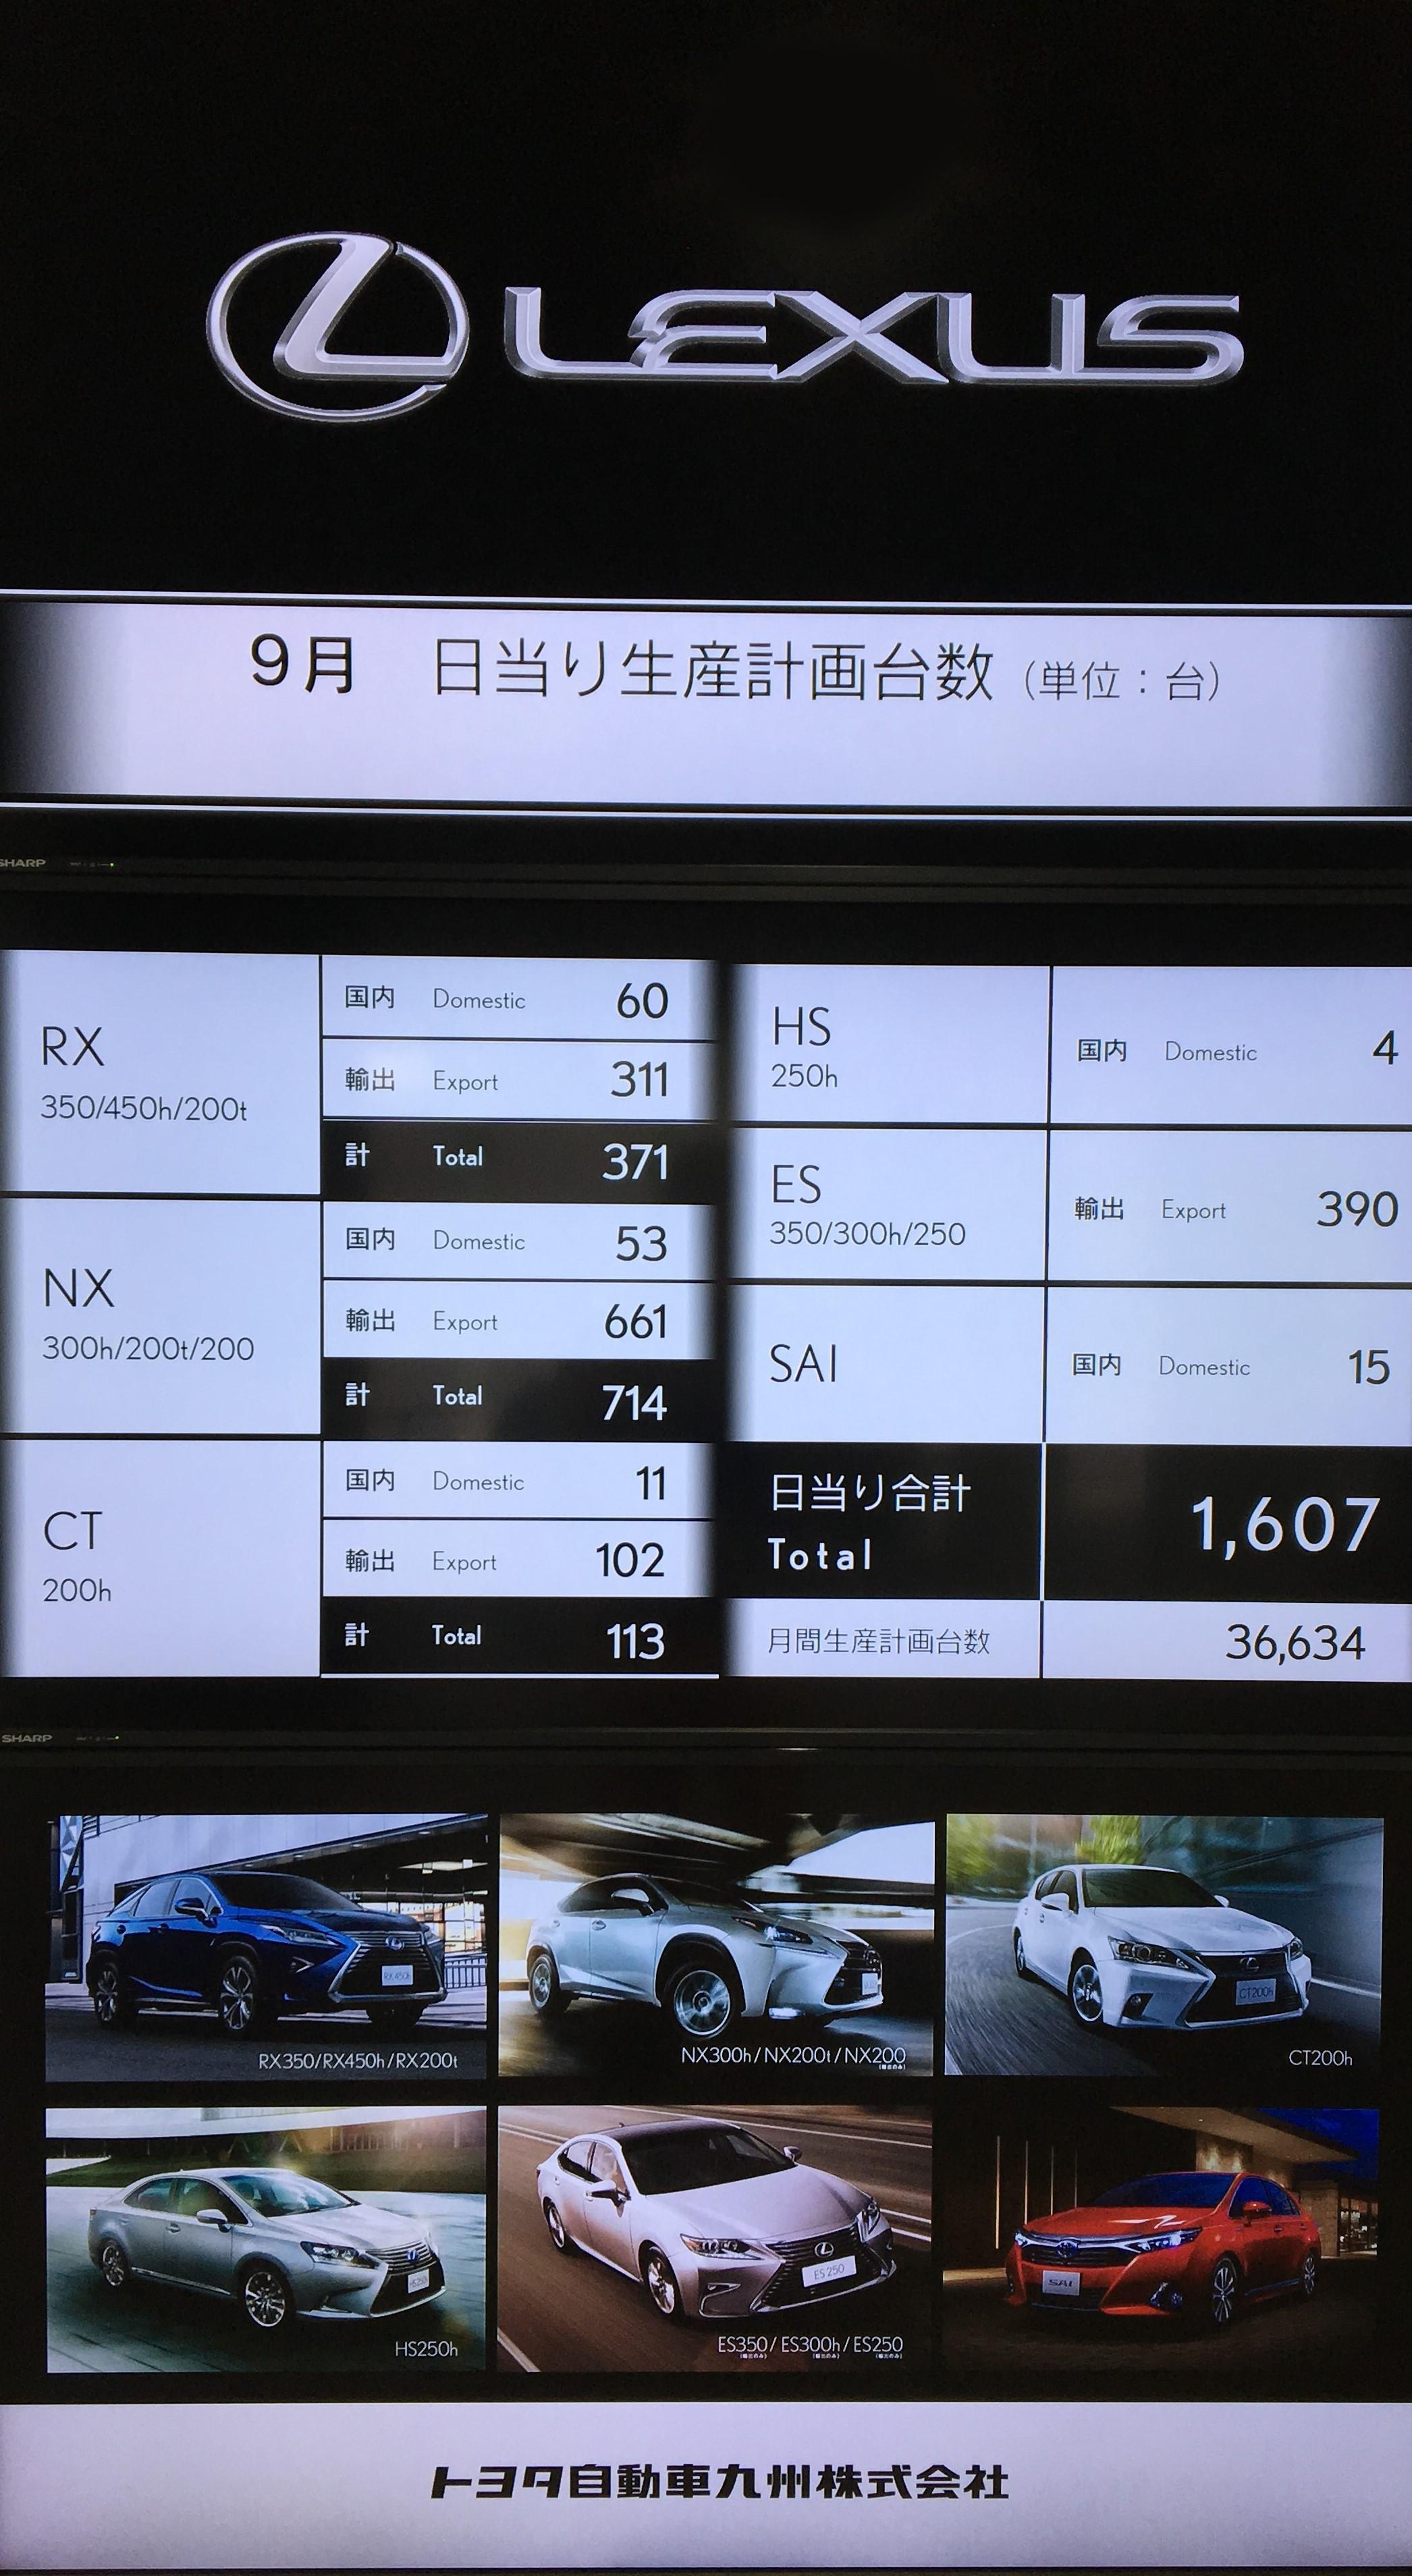 Infobildschirm 2